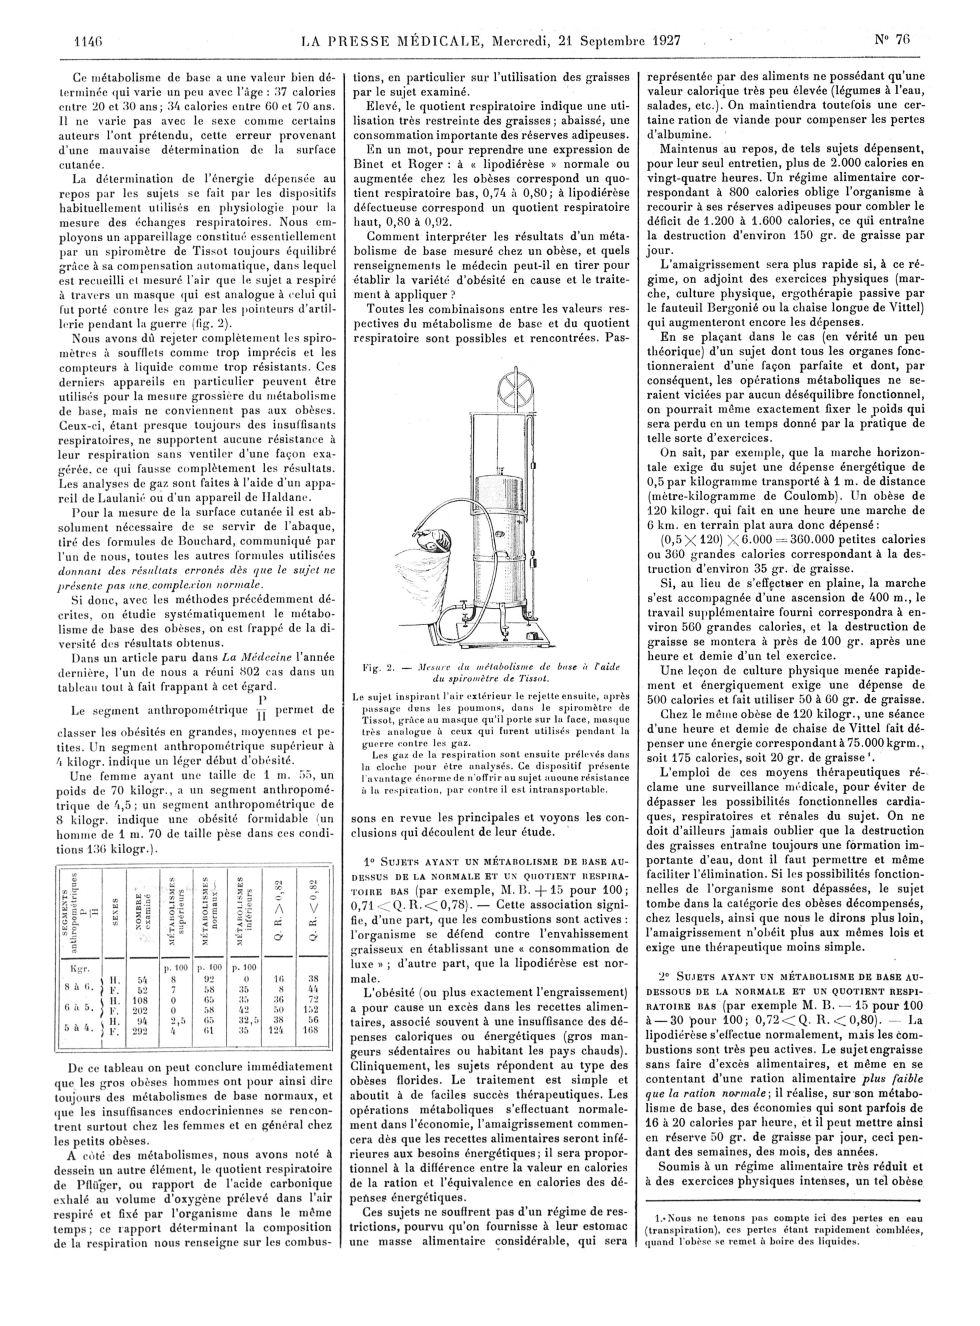 Fig. 2. Mesure du métabolisme de base à l'aide du spiromètre de Tissot -  - med100000x1927xartorigx1154